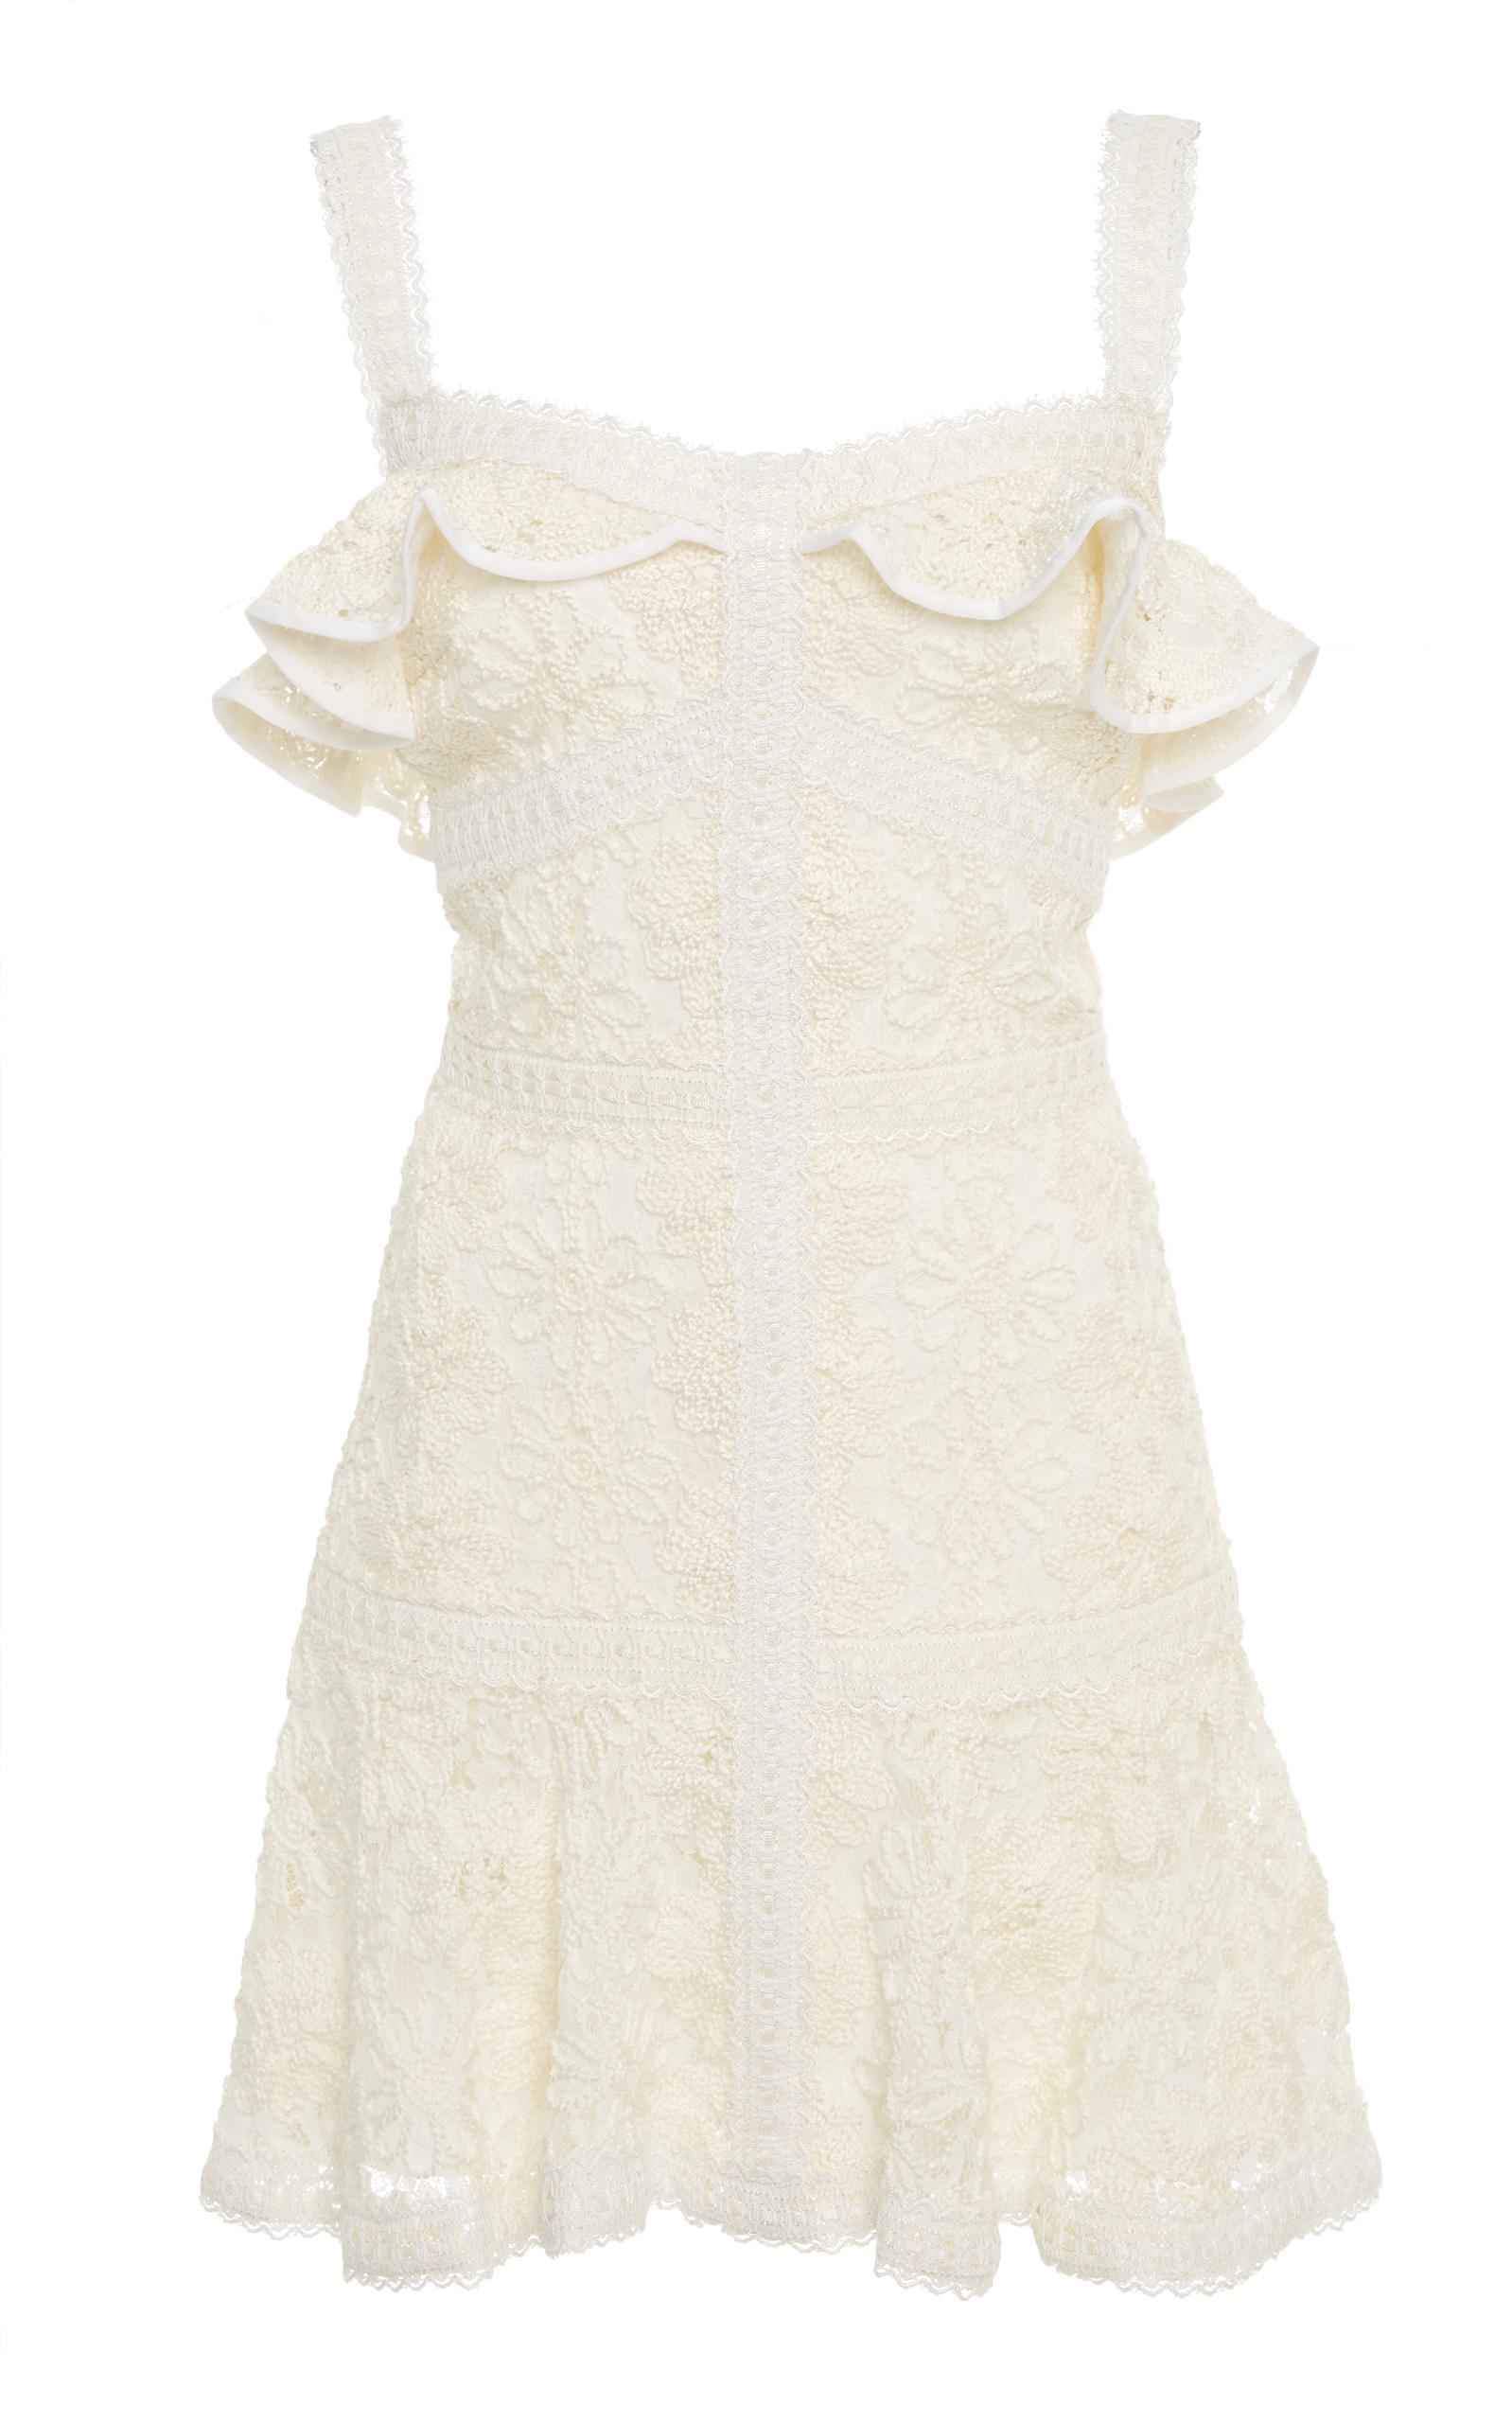 Linzi Ruffled Lace Mini Dress in Ivory Lace